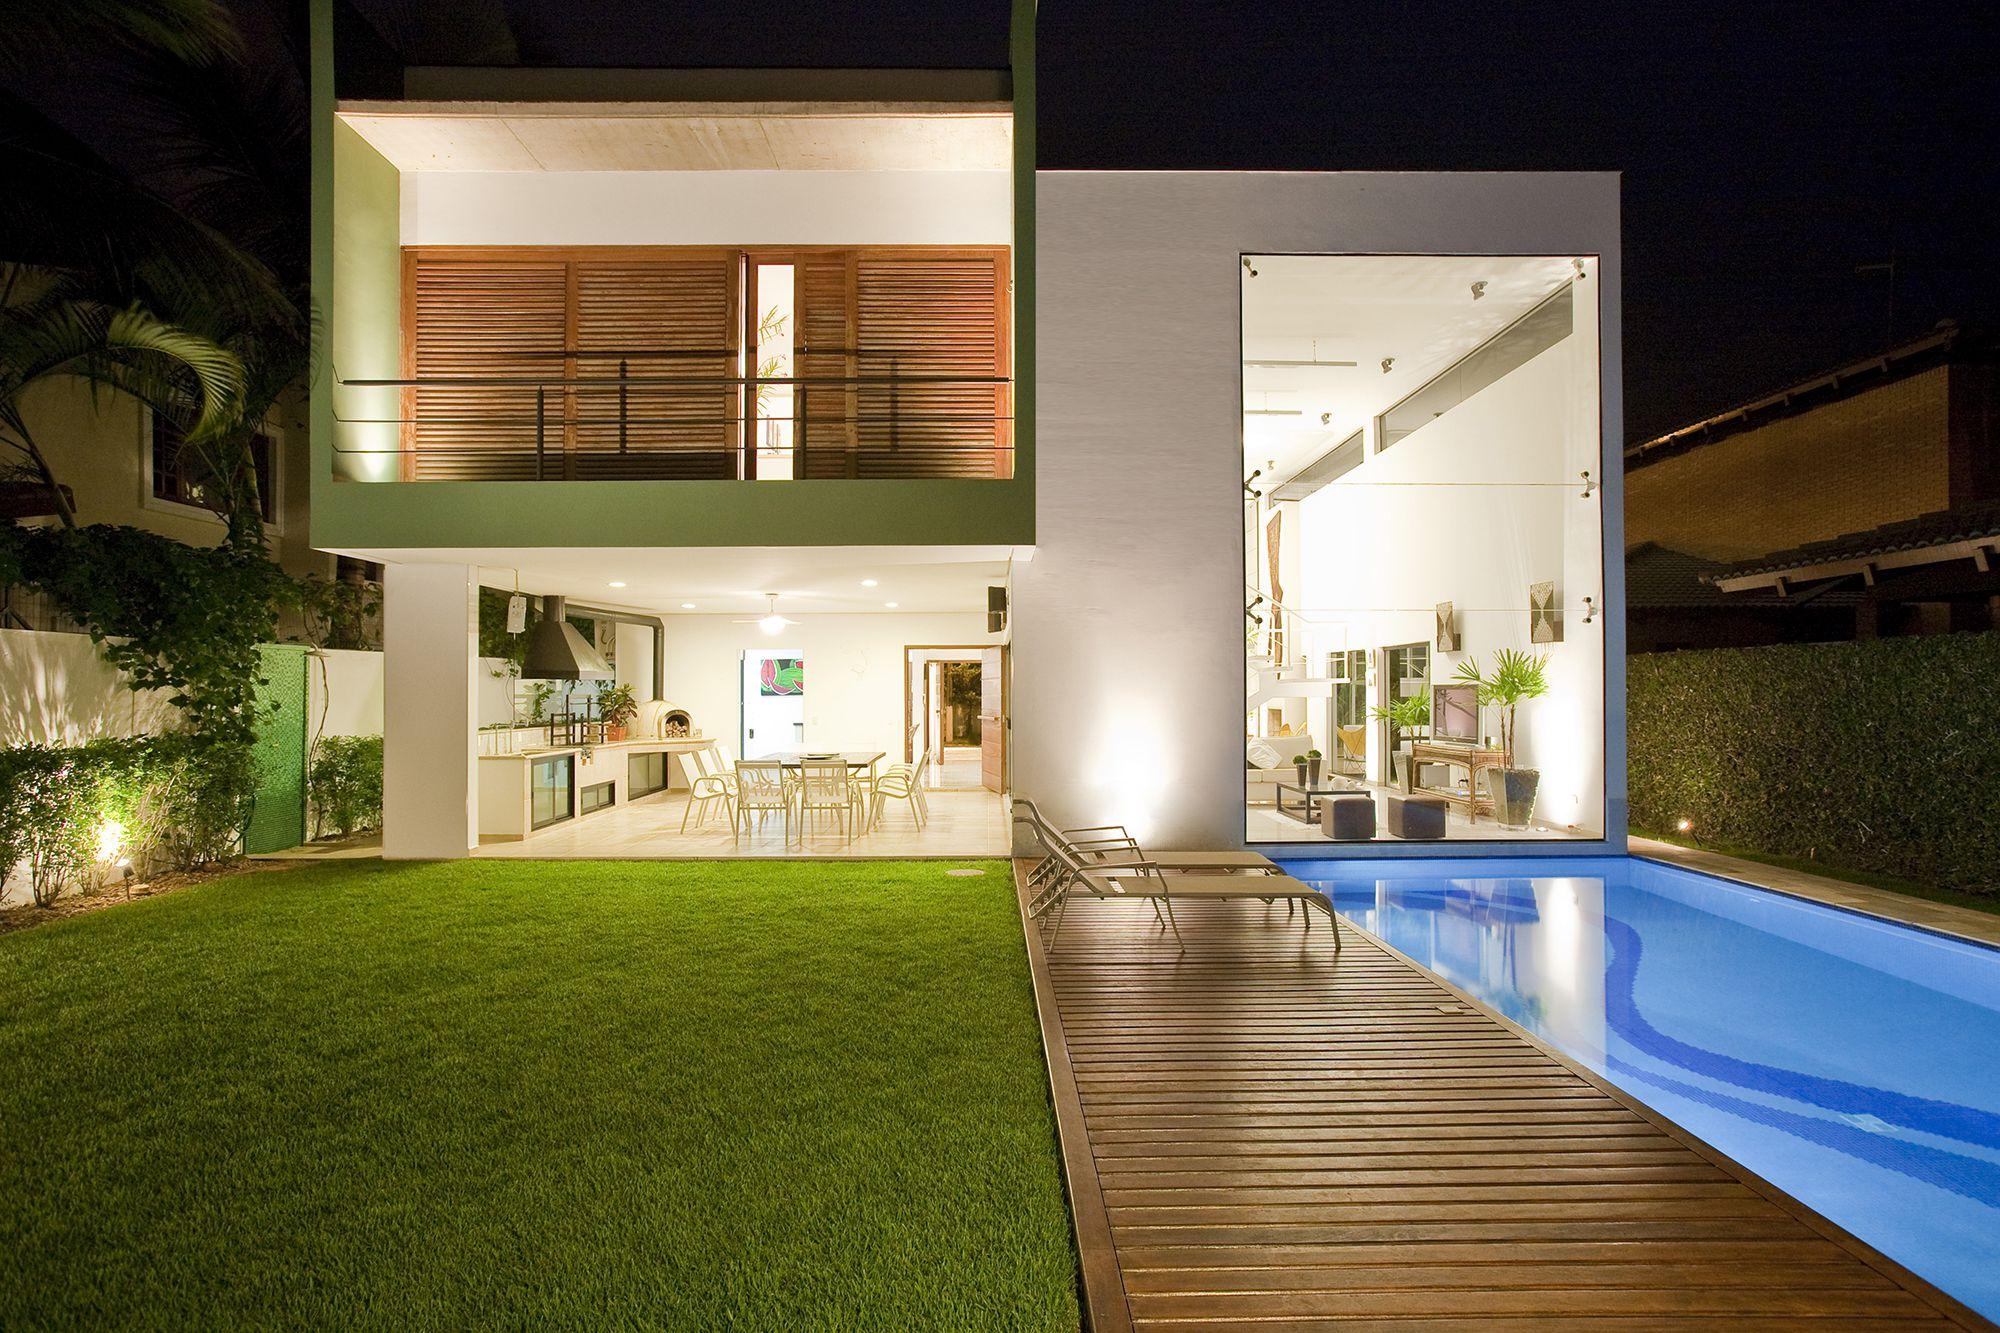 Acapulco house by fc studio caandesign architecture - Casas bonitas por dentro ...